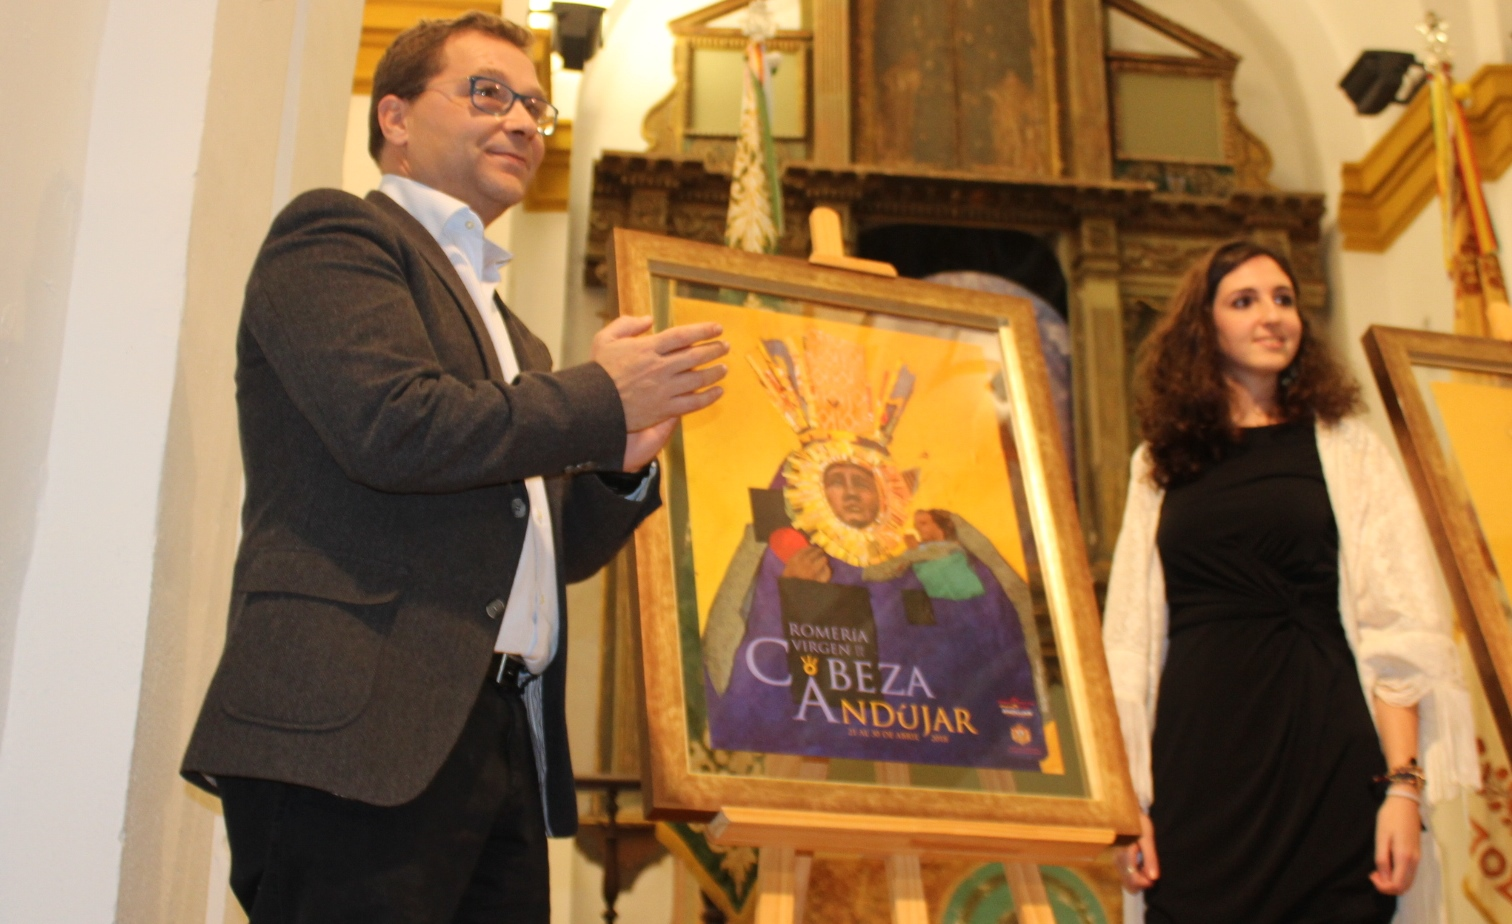 Una mezcla de grabado y collage ilustran el Cartel de la Romería de la Virgen de la Cabeza